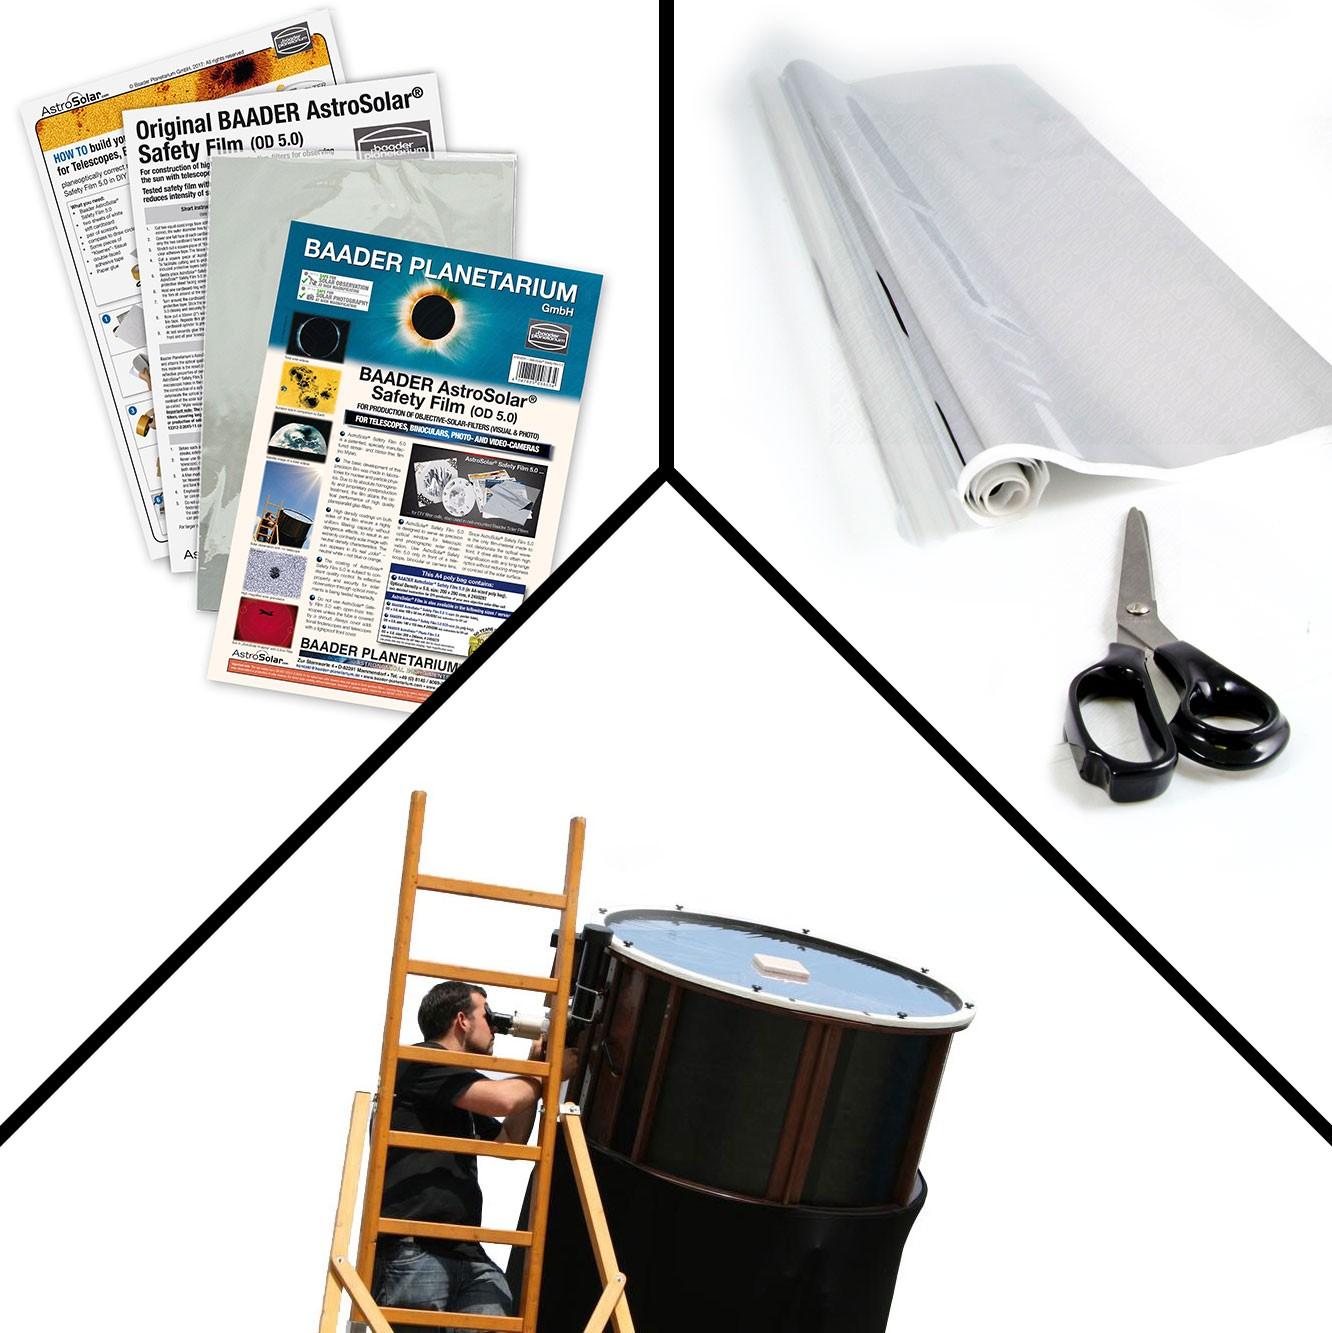 AstroSolar® Safety Film OD 5.0 (ECO-size, 20x29, 100x50, 117x117 cm)